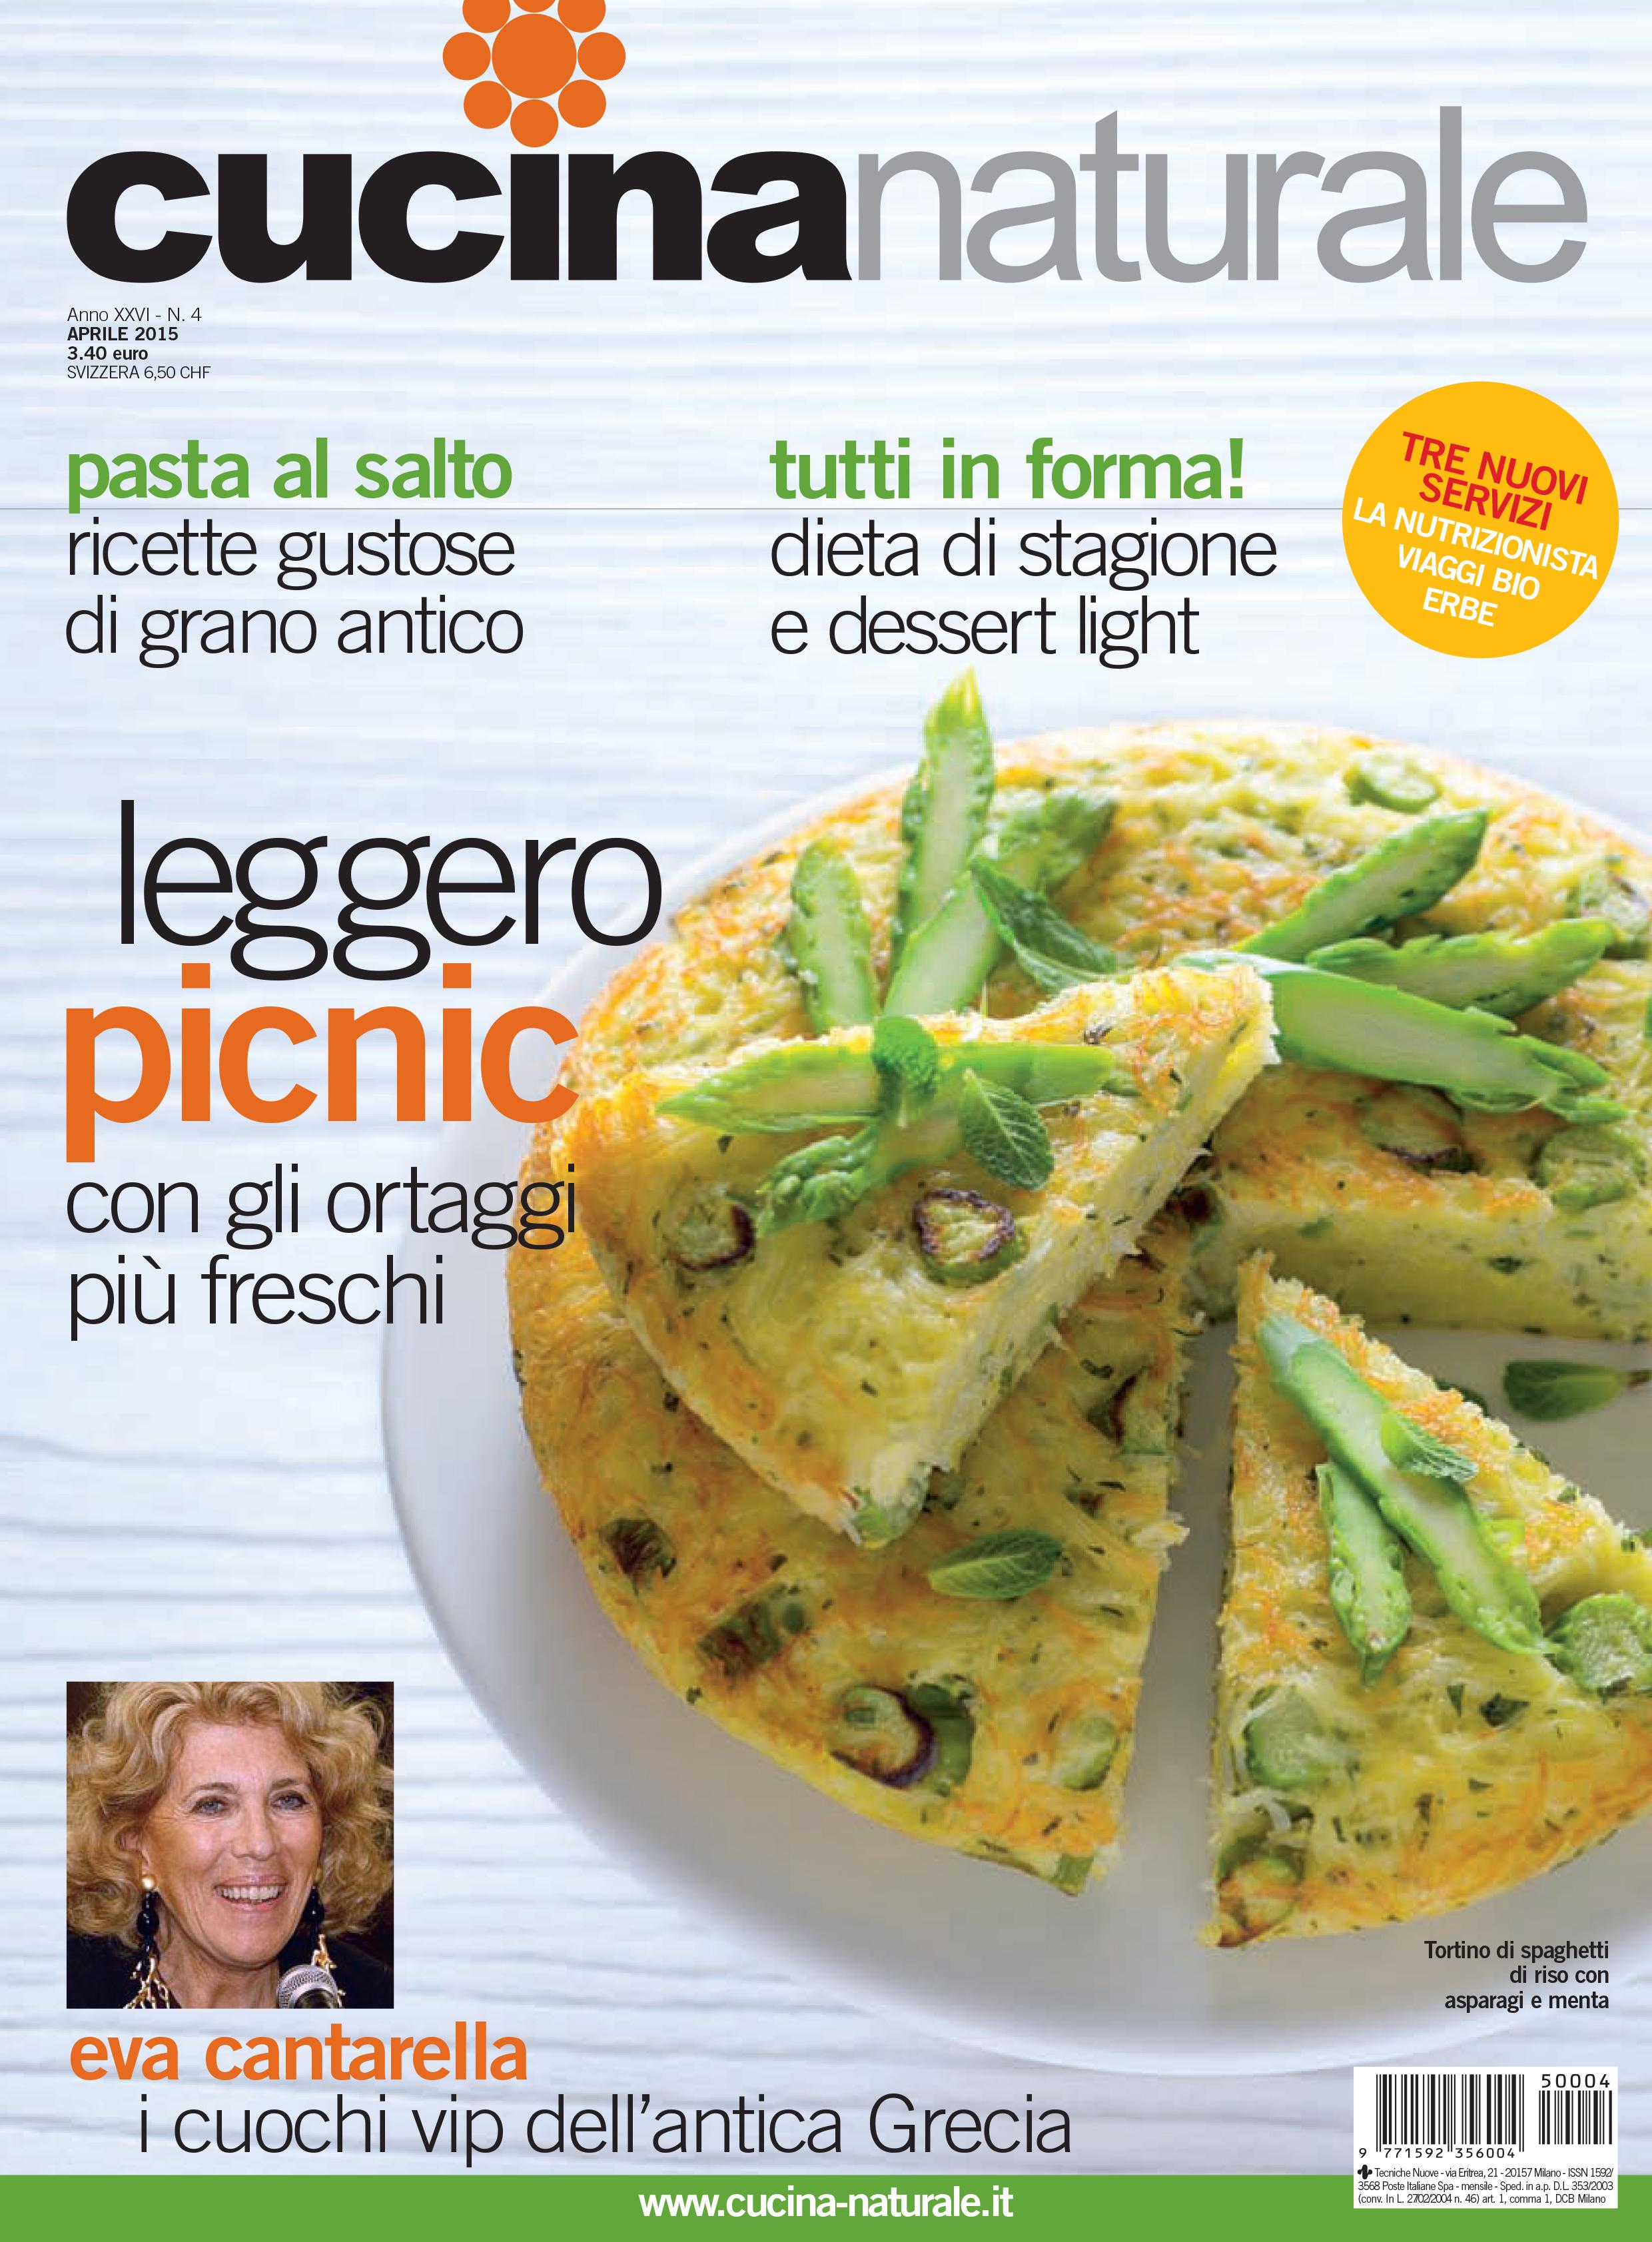 Cucina Naturale Di Aprile Tante Ricette E 3 Nuove Rubriche